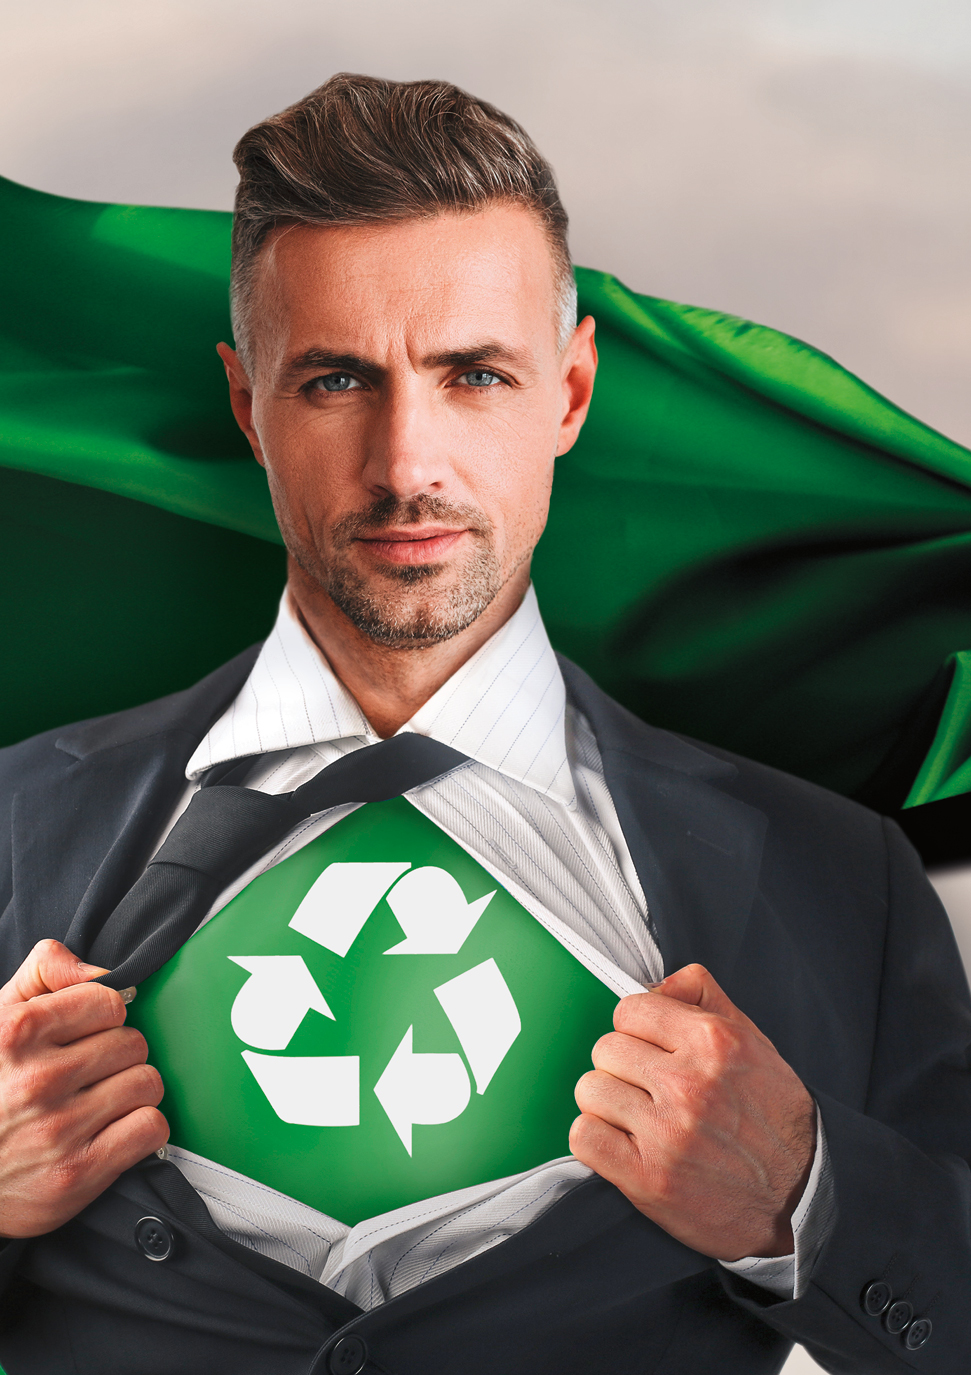 Evoxx Polished Recycled